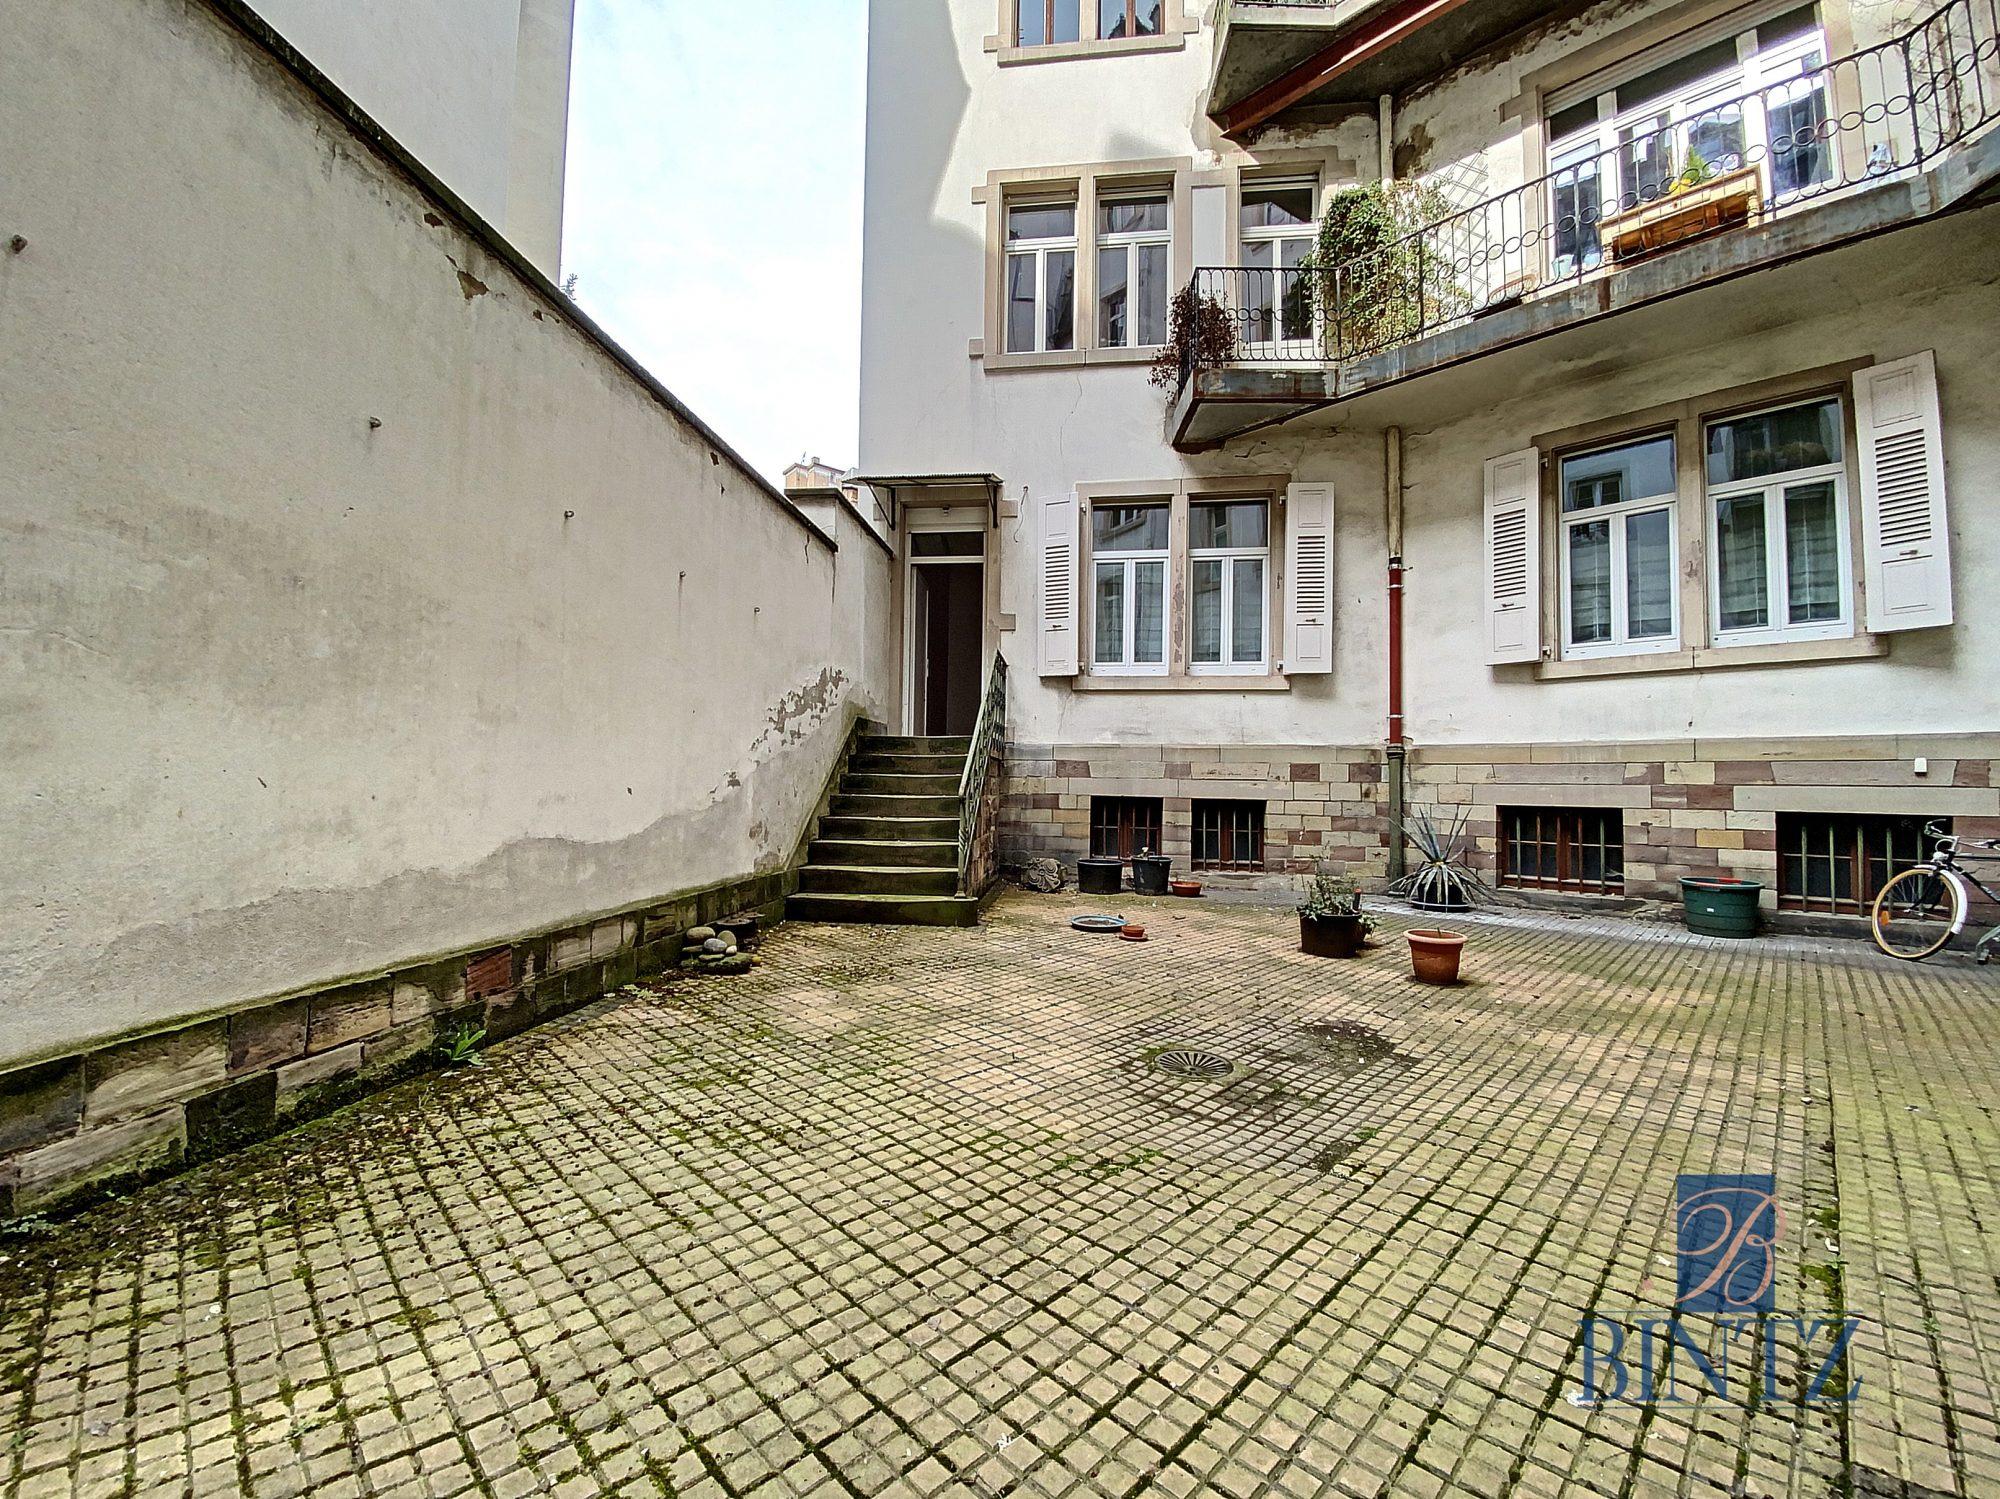 Magnifique 6 pièces de 164m2 Quartier Neustadt - Devenez propriétaire en toute confiance - Bintz Immobilier - 15